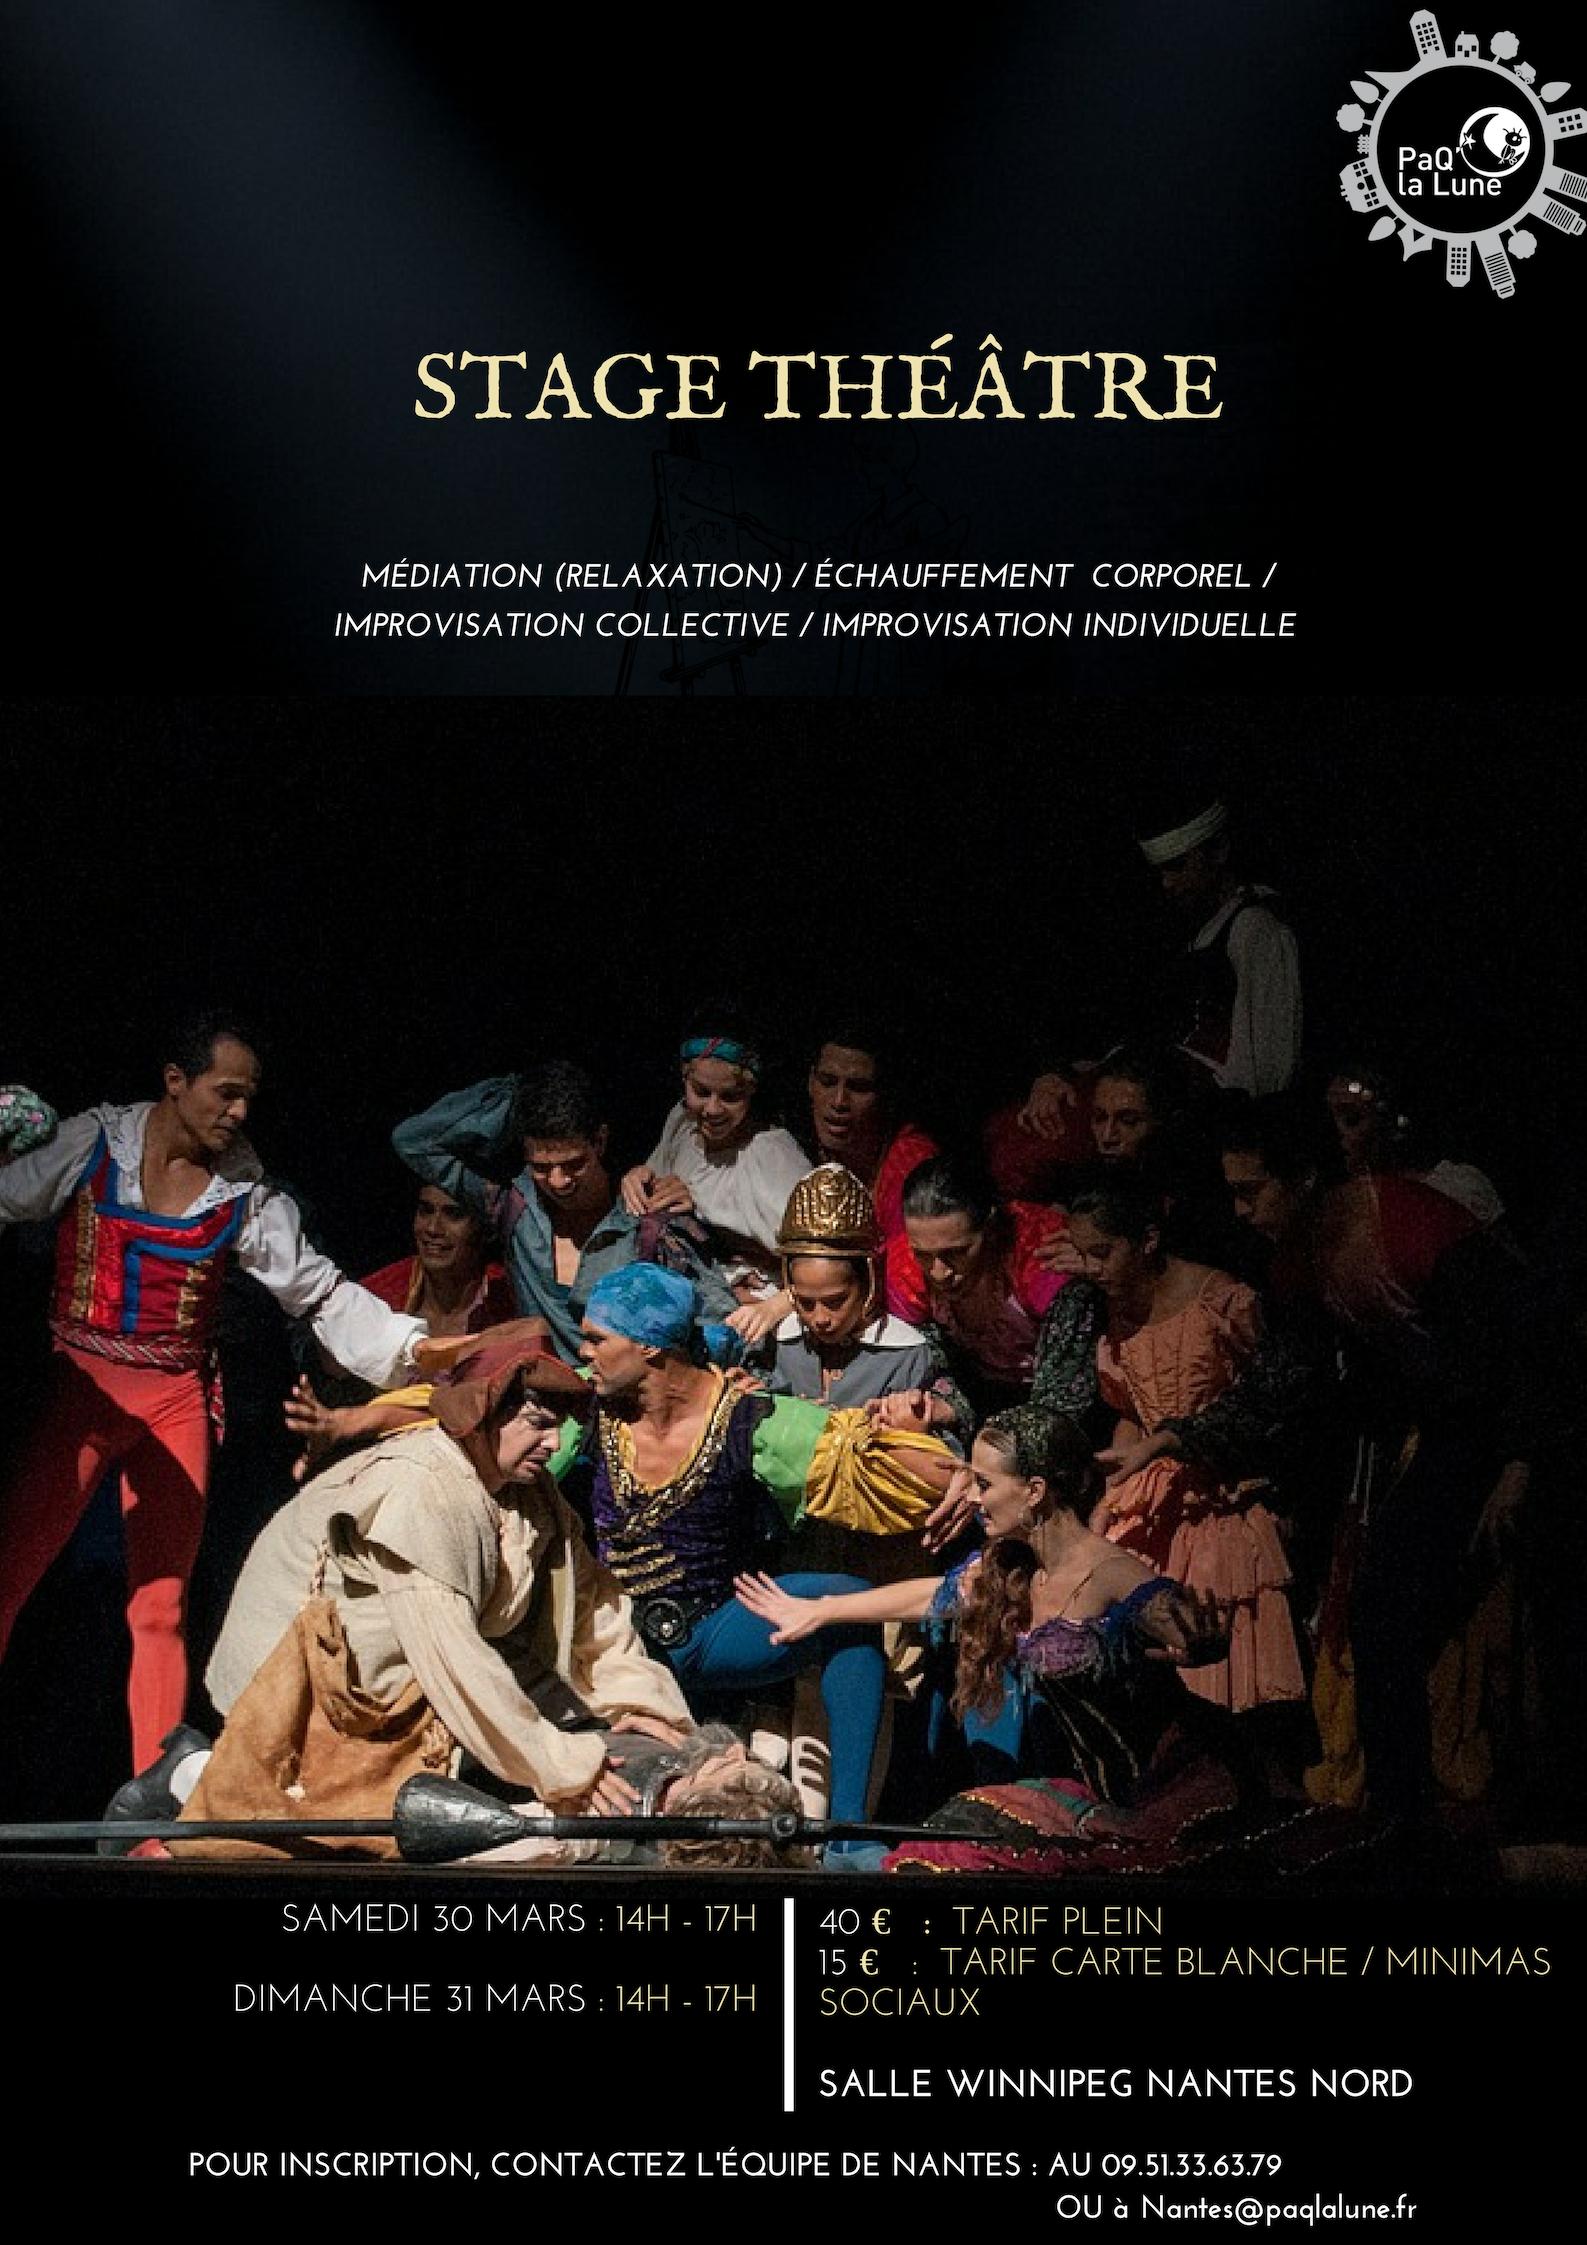 Copie de stage théâtre